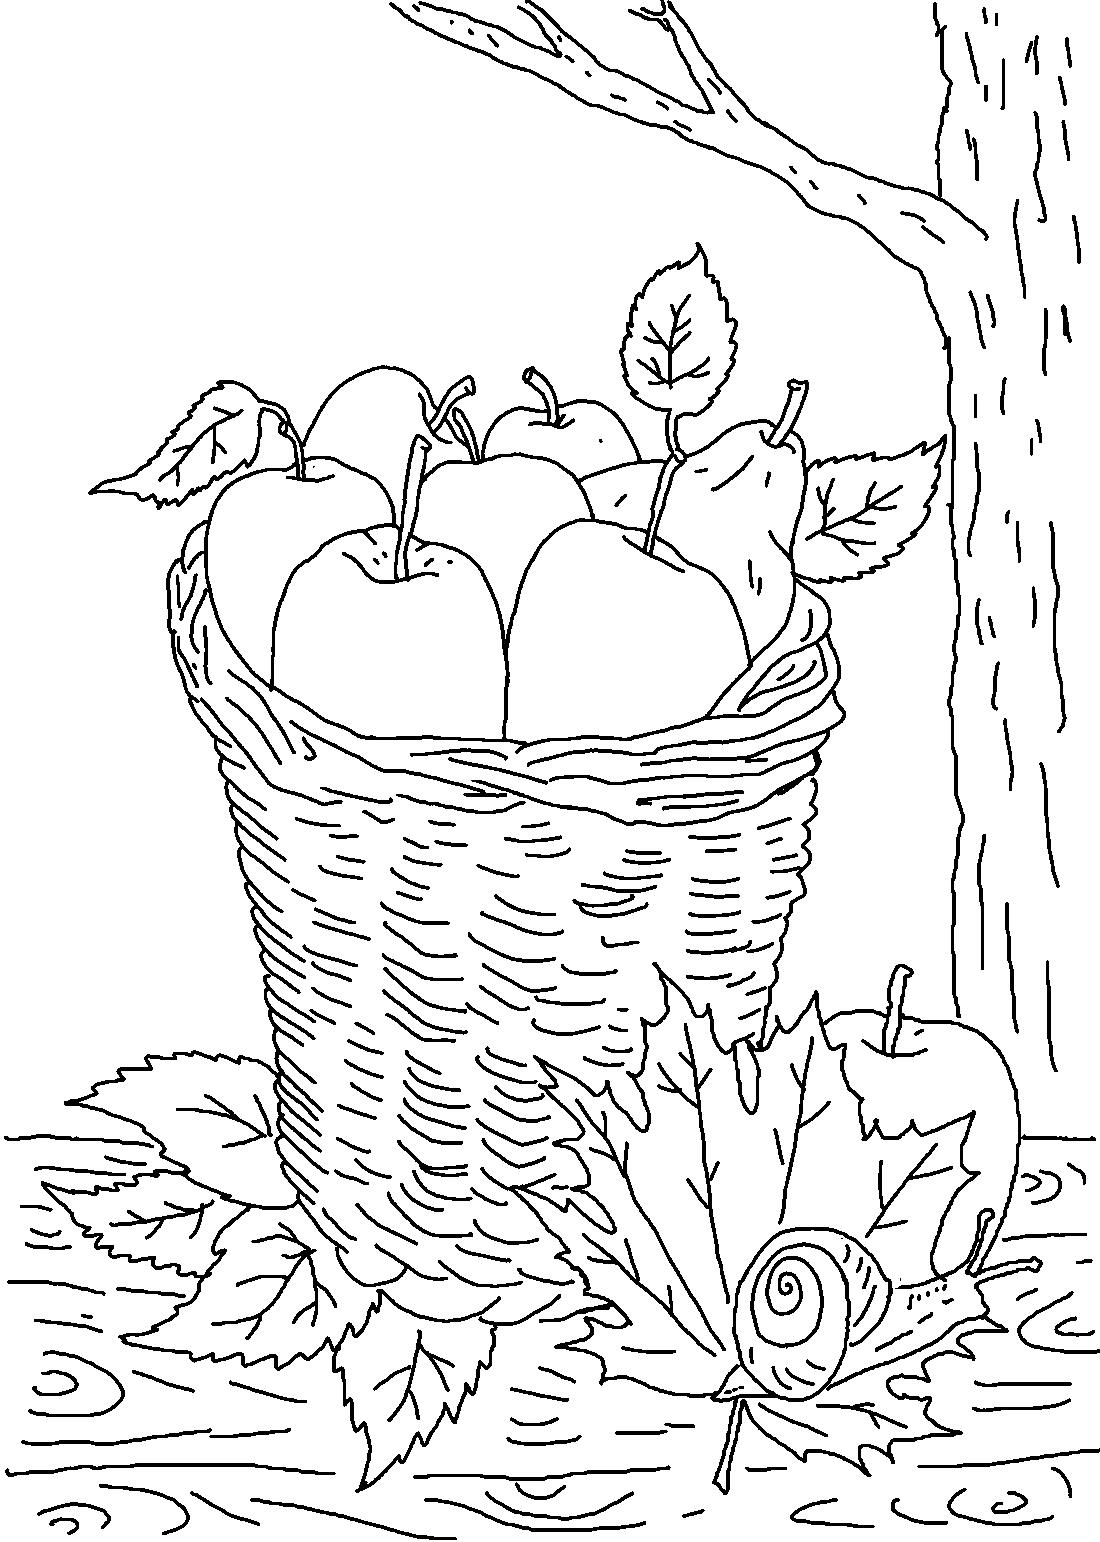 Осенний урожай в корзине - раскраска №13655 | Printonic.ru